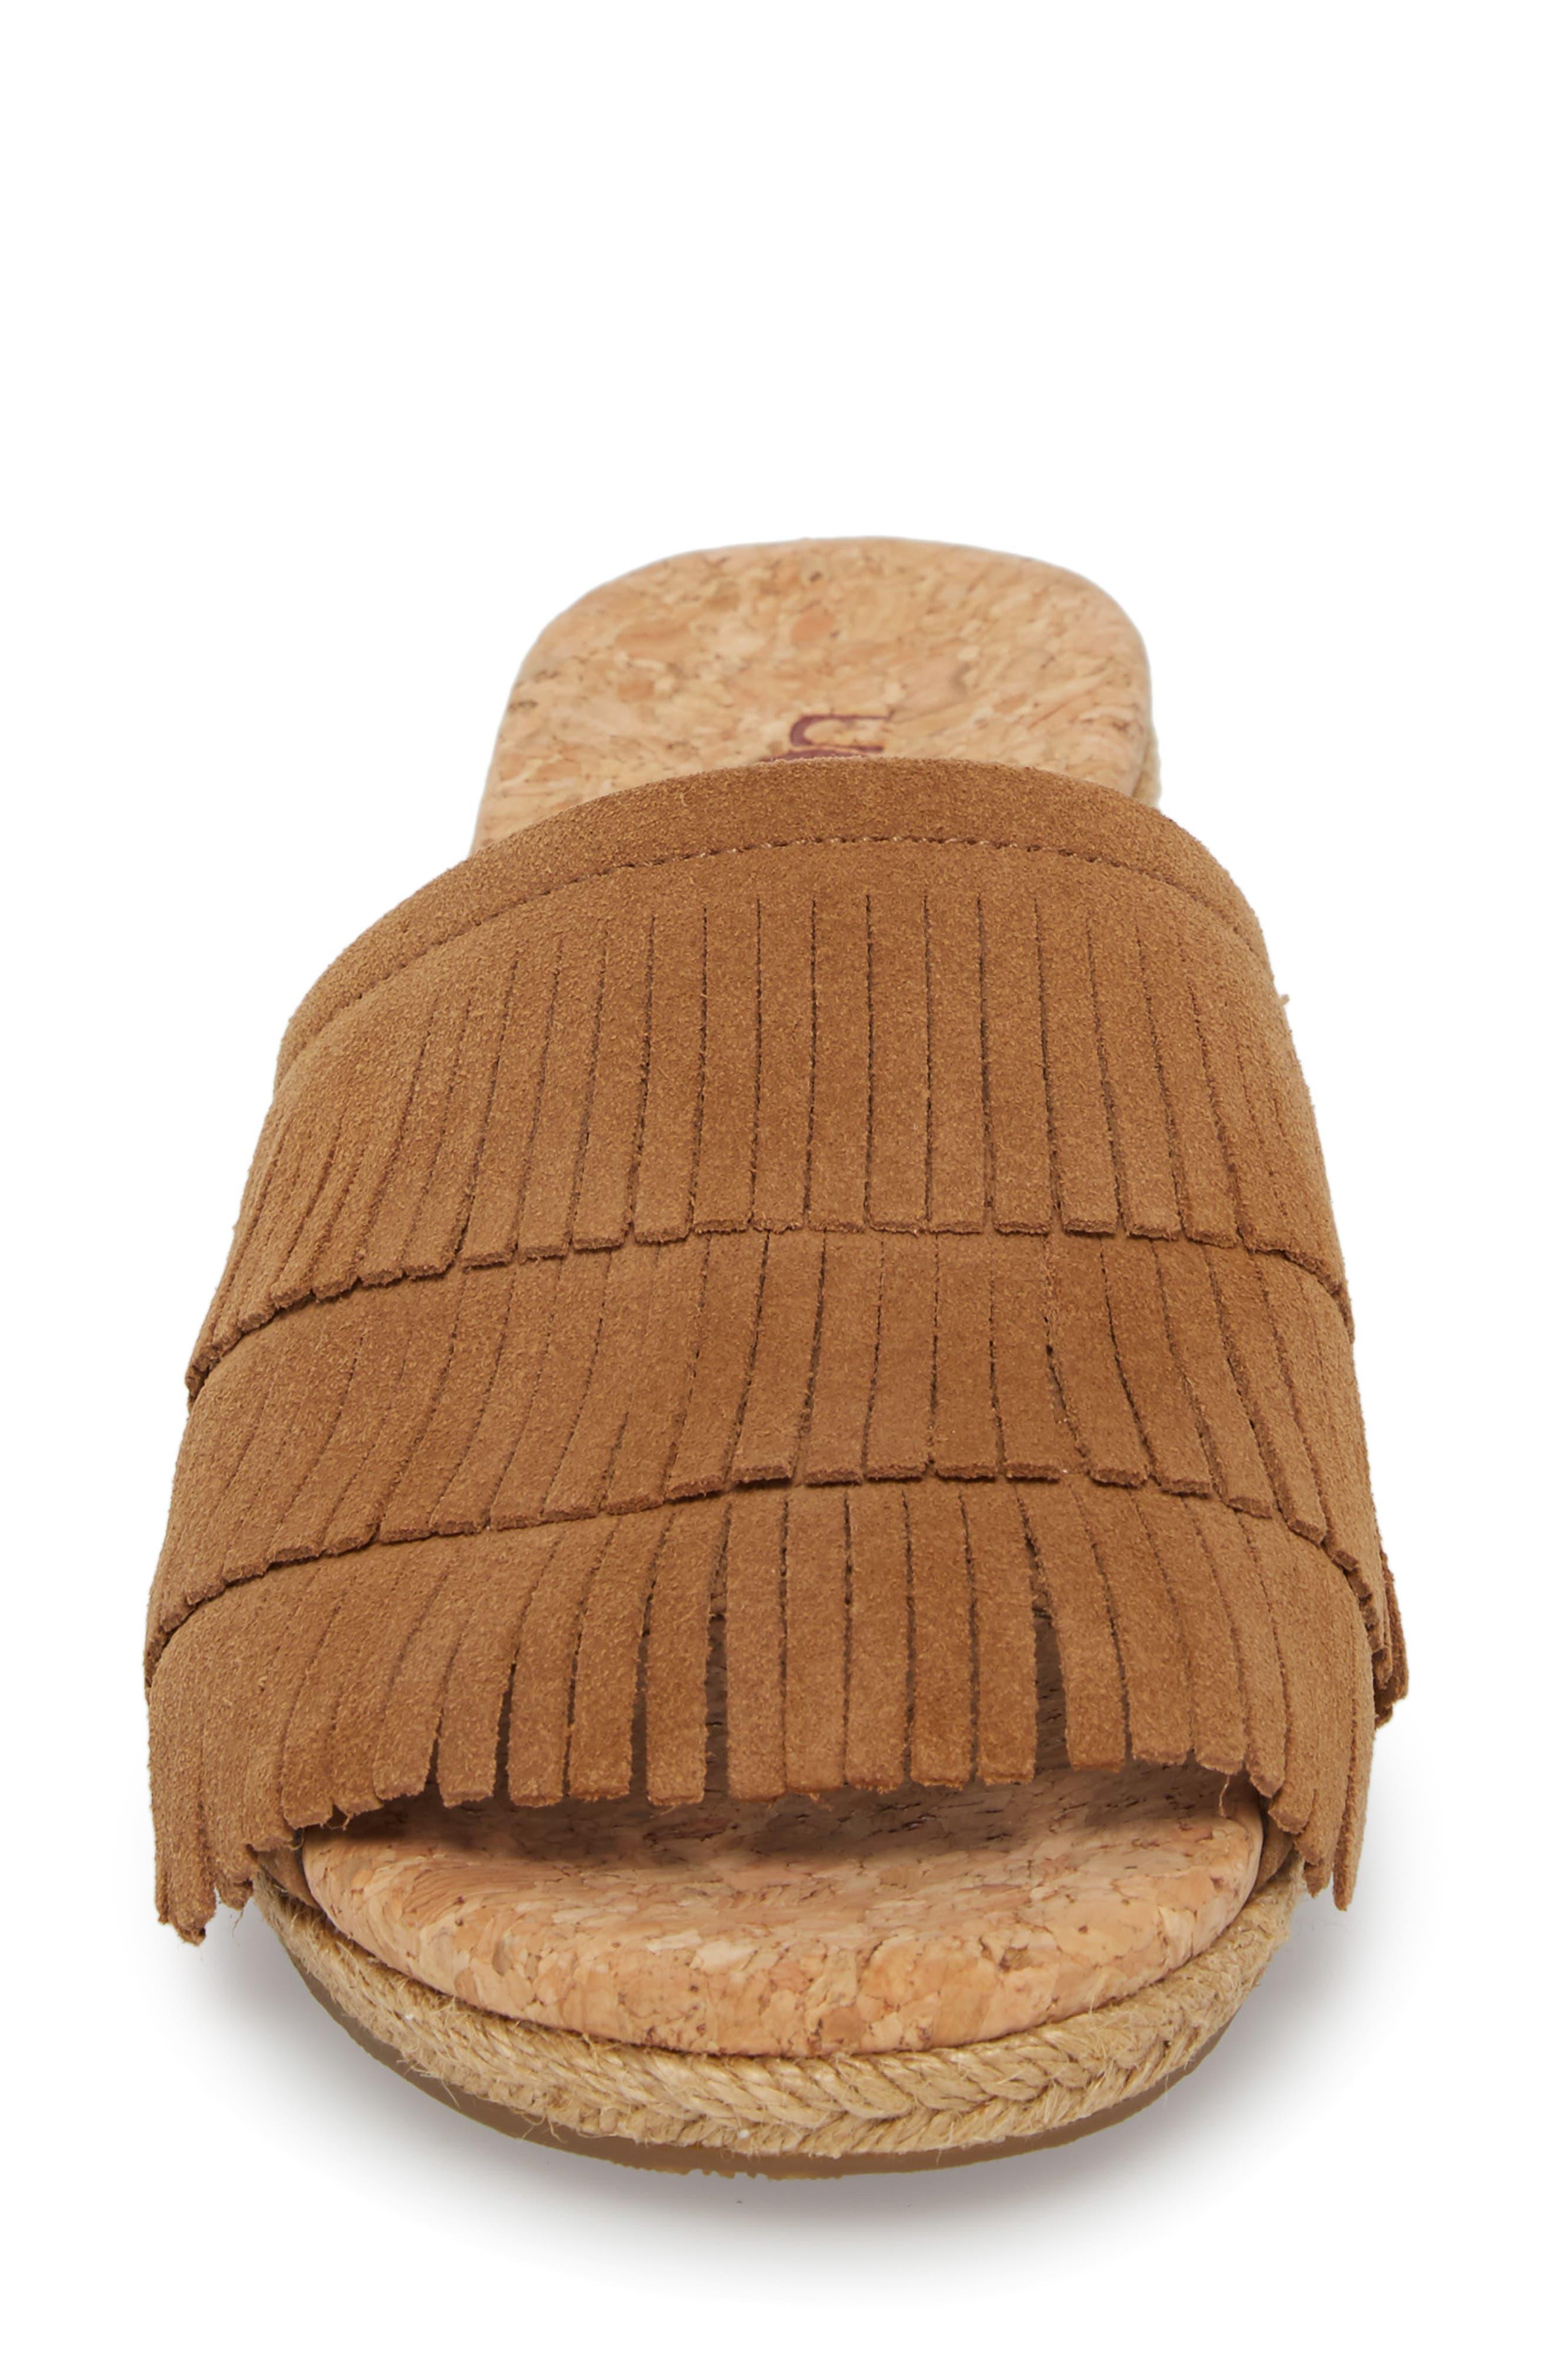 Kendra Fringe Wedge Sandal,                             Alternate thumbnail 4, color,                             Chestnut Suede